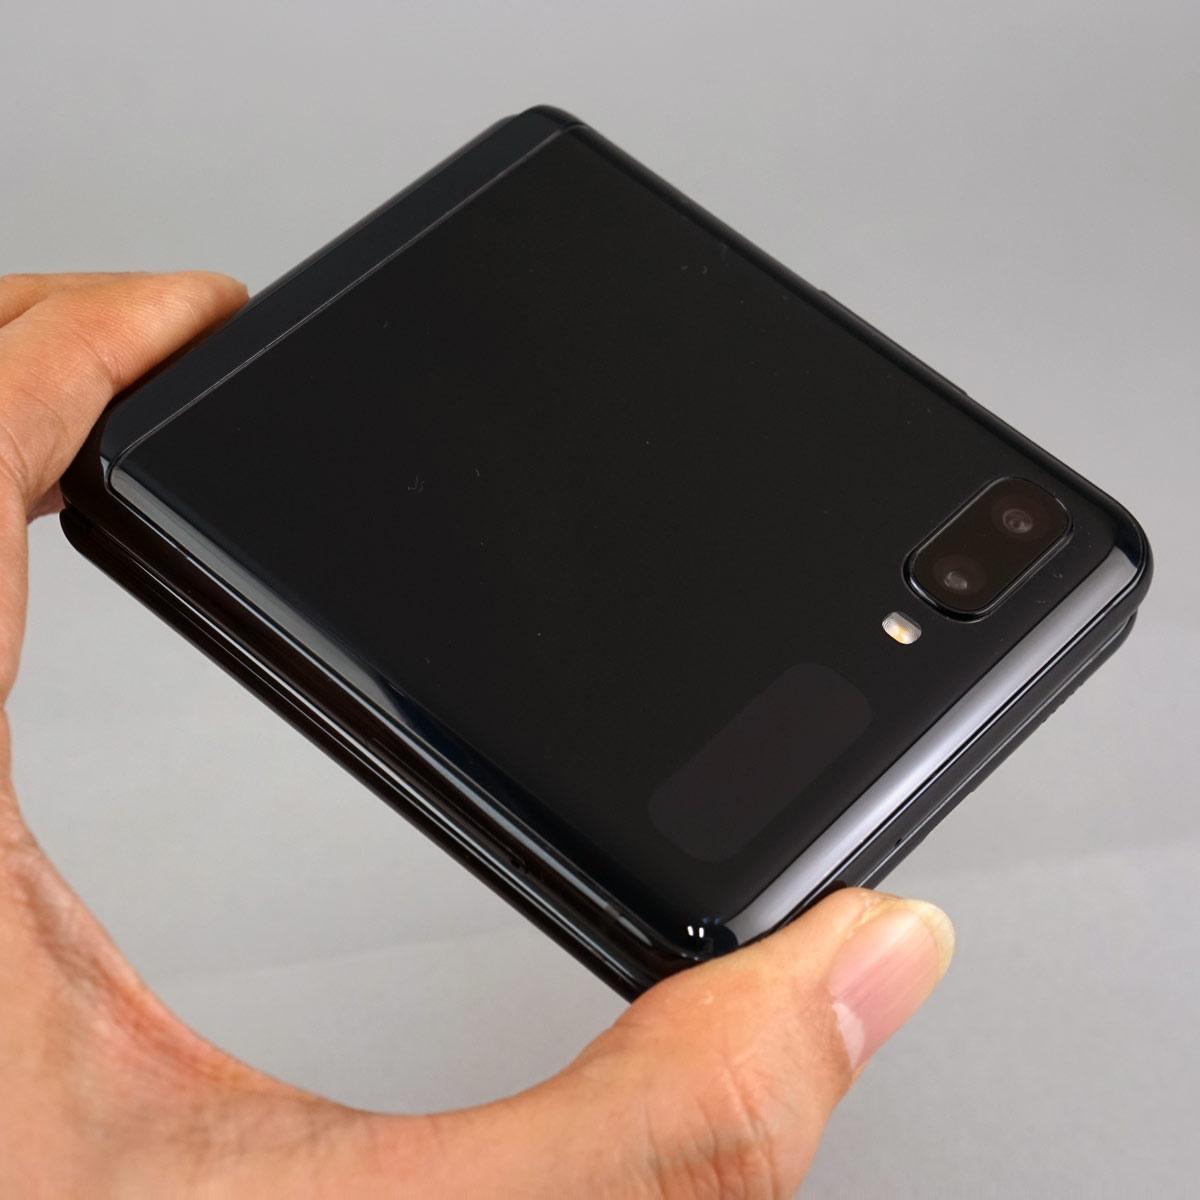 コンパクトに折りたためるスマホ、サムスン「Galaxy Z Flip SCV47」1週間使用レポート